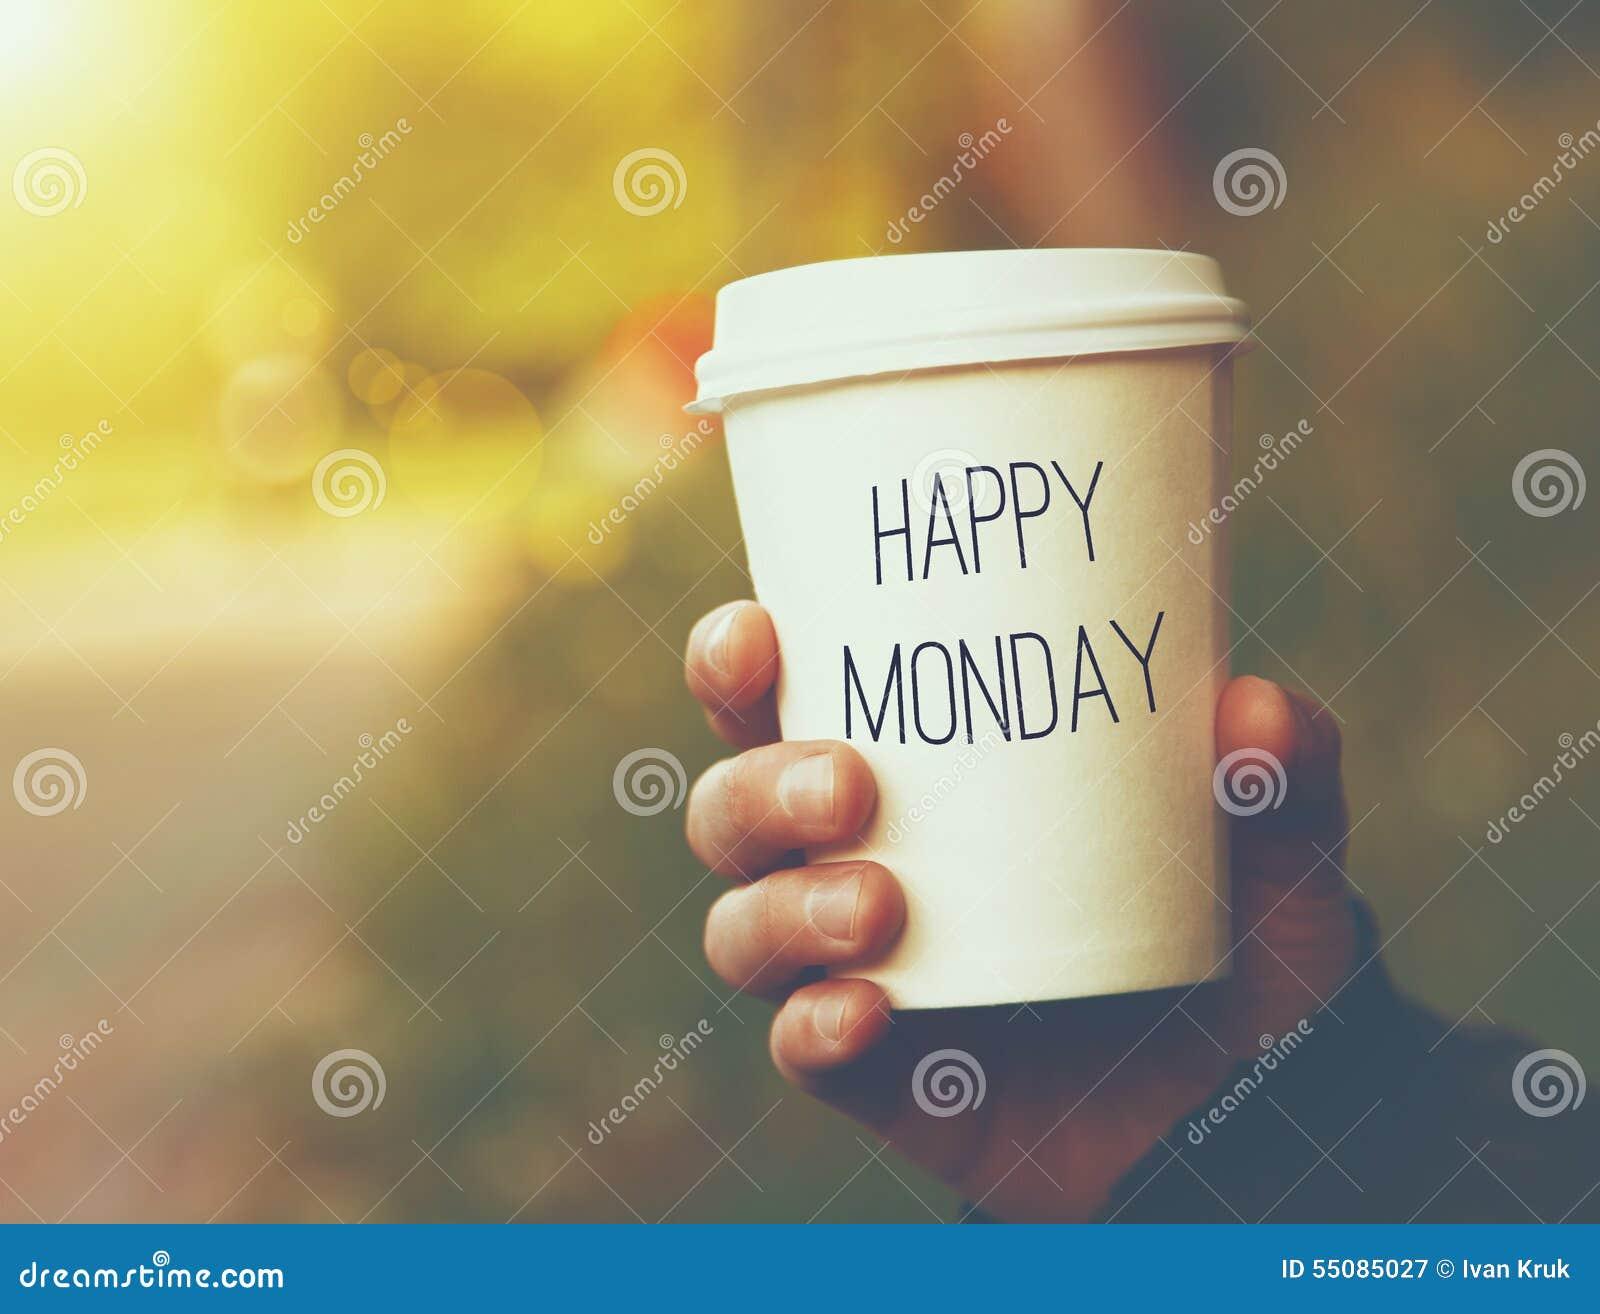 Papierkaffeetasse glücklicher Montag